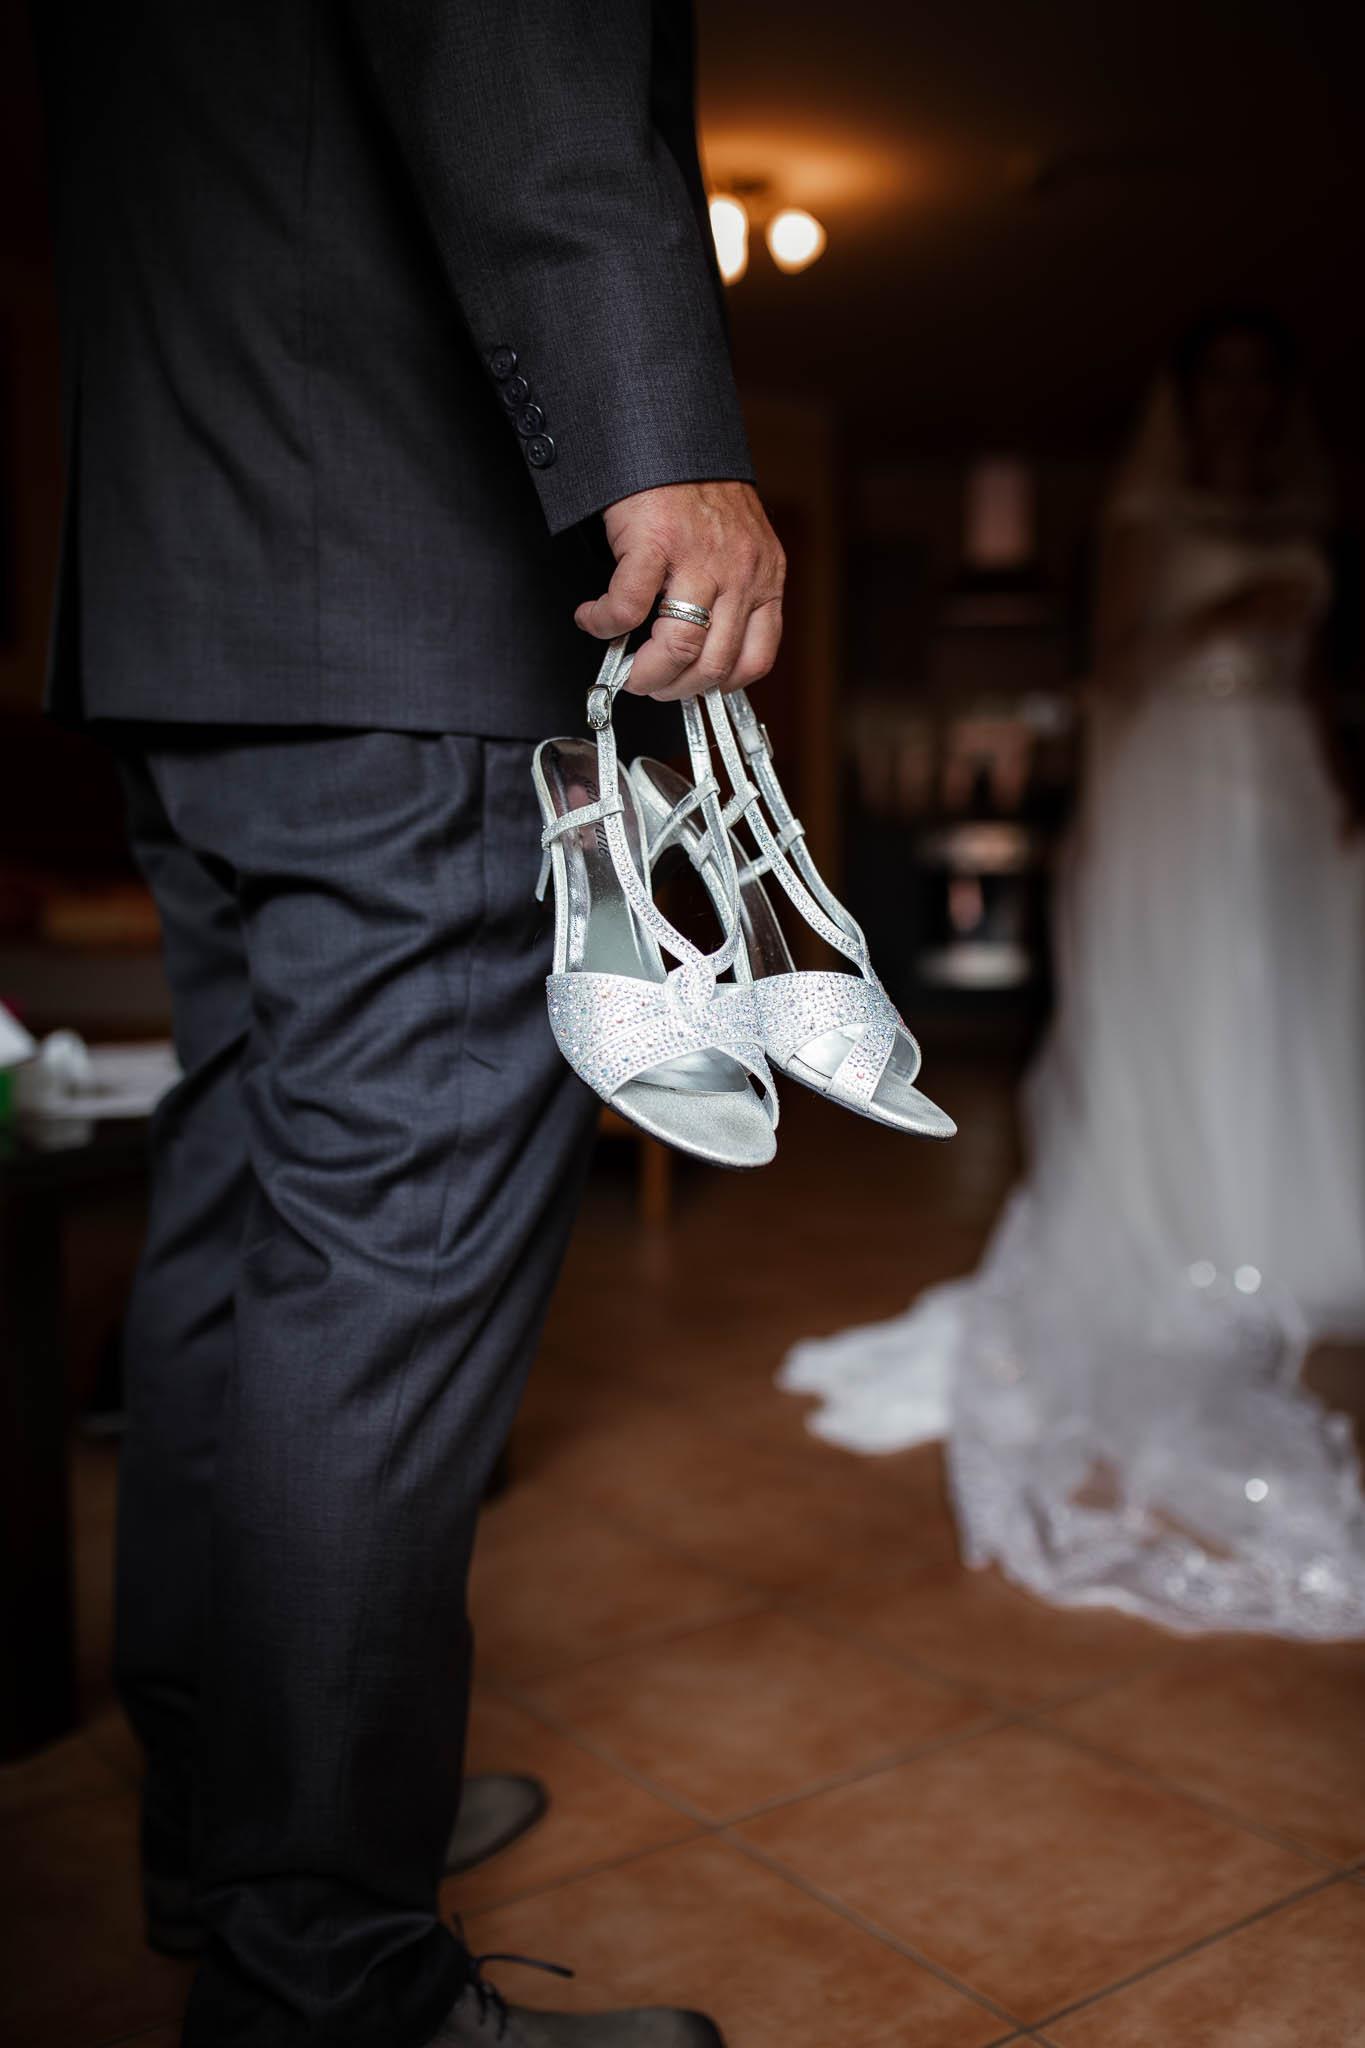 Hochzeitsfotograf Monzernheim: freie Trauung von Sarah & Patrick 14